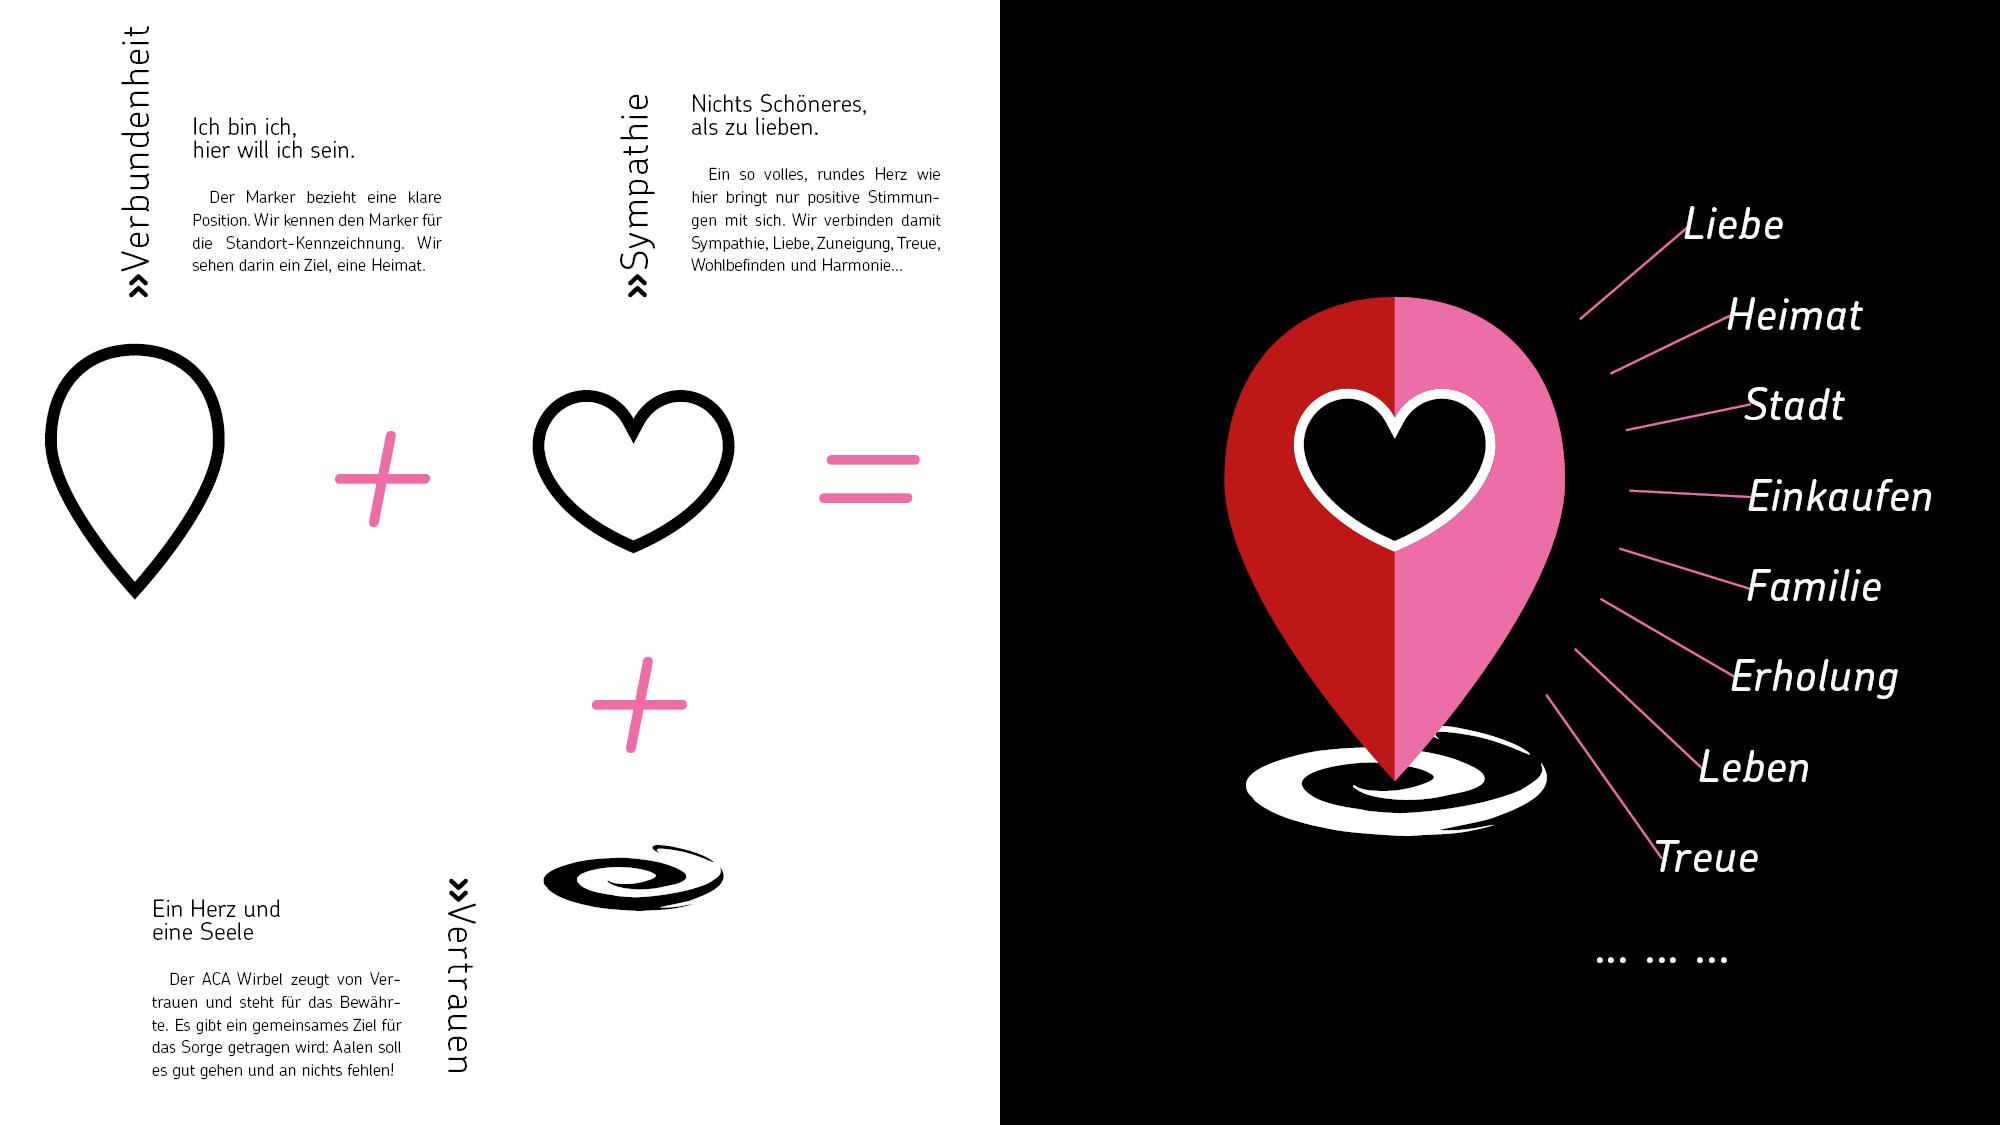 verliebt in aalen - hg - branding - 2000-1125 - symbolik